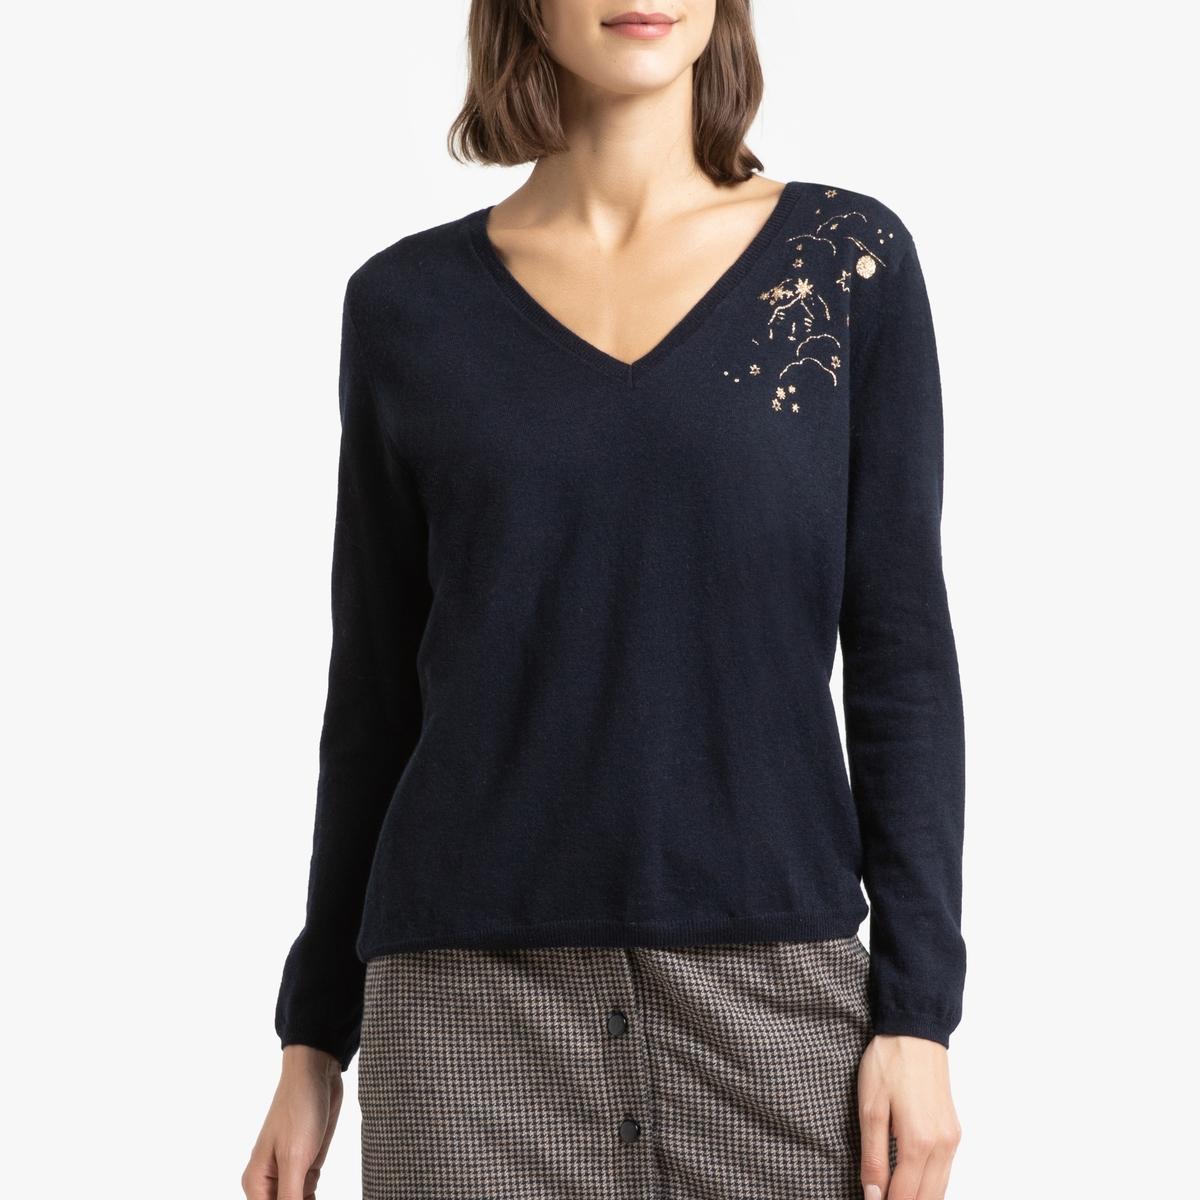 Пуловер La Redoute С V-образным вырезом из трикотажа из шерсти и кашемира BENNET 1(S) синий ic men коричневый пуловер из кашемира